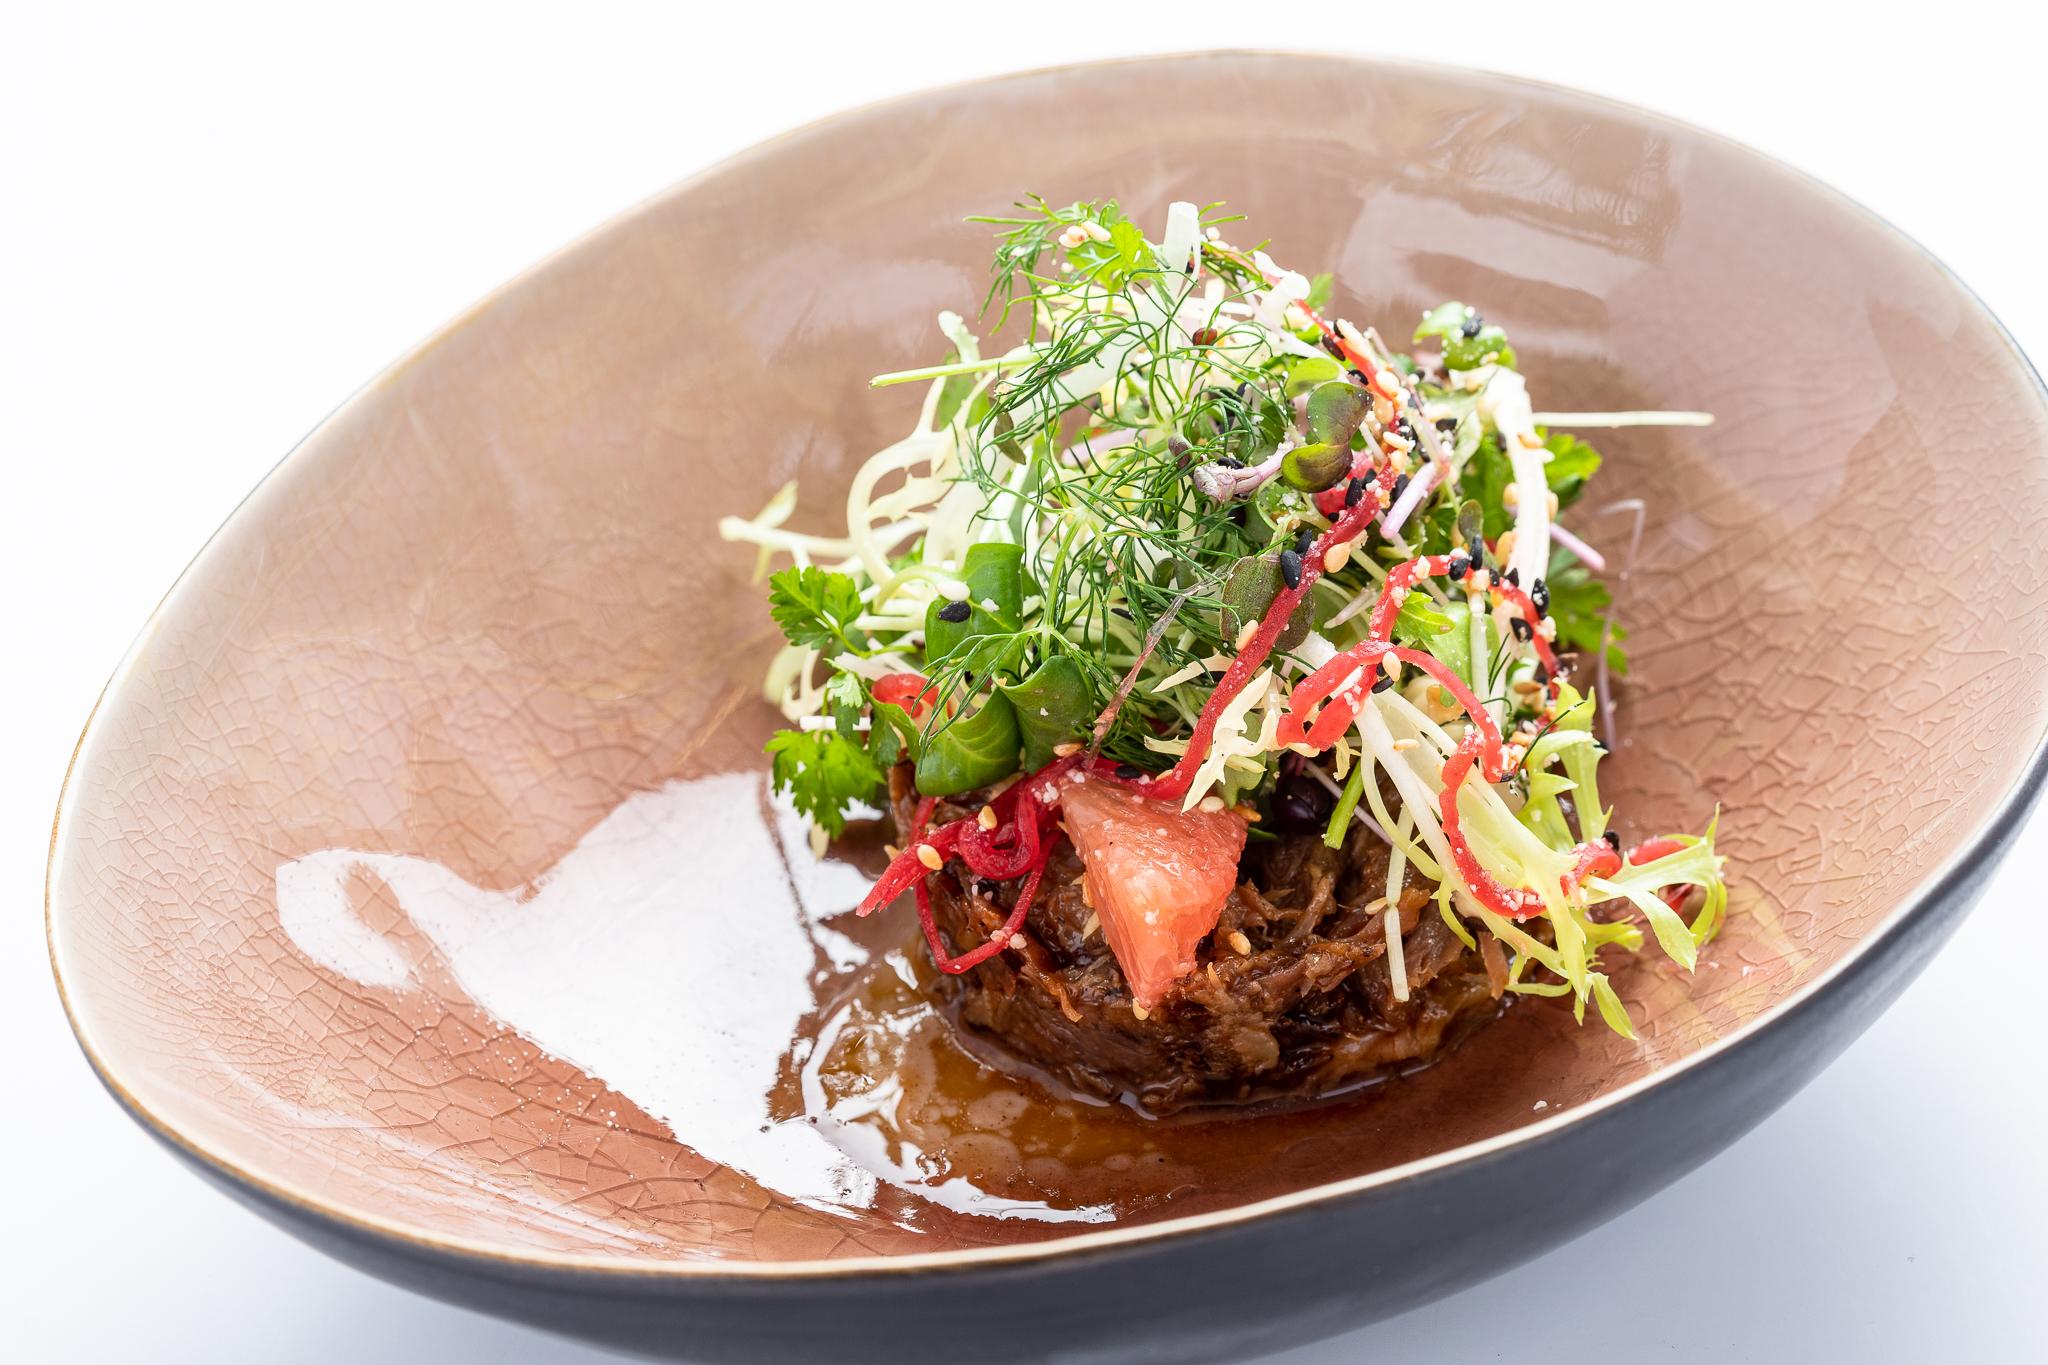 Crispy duck salad: gekonfijte eendenbout, salade met granaatappel en enoki - LIEVEN